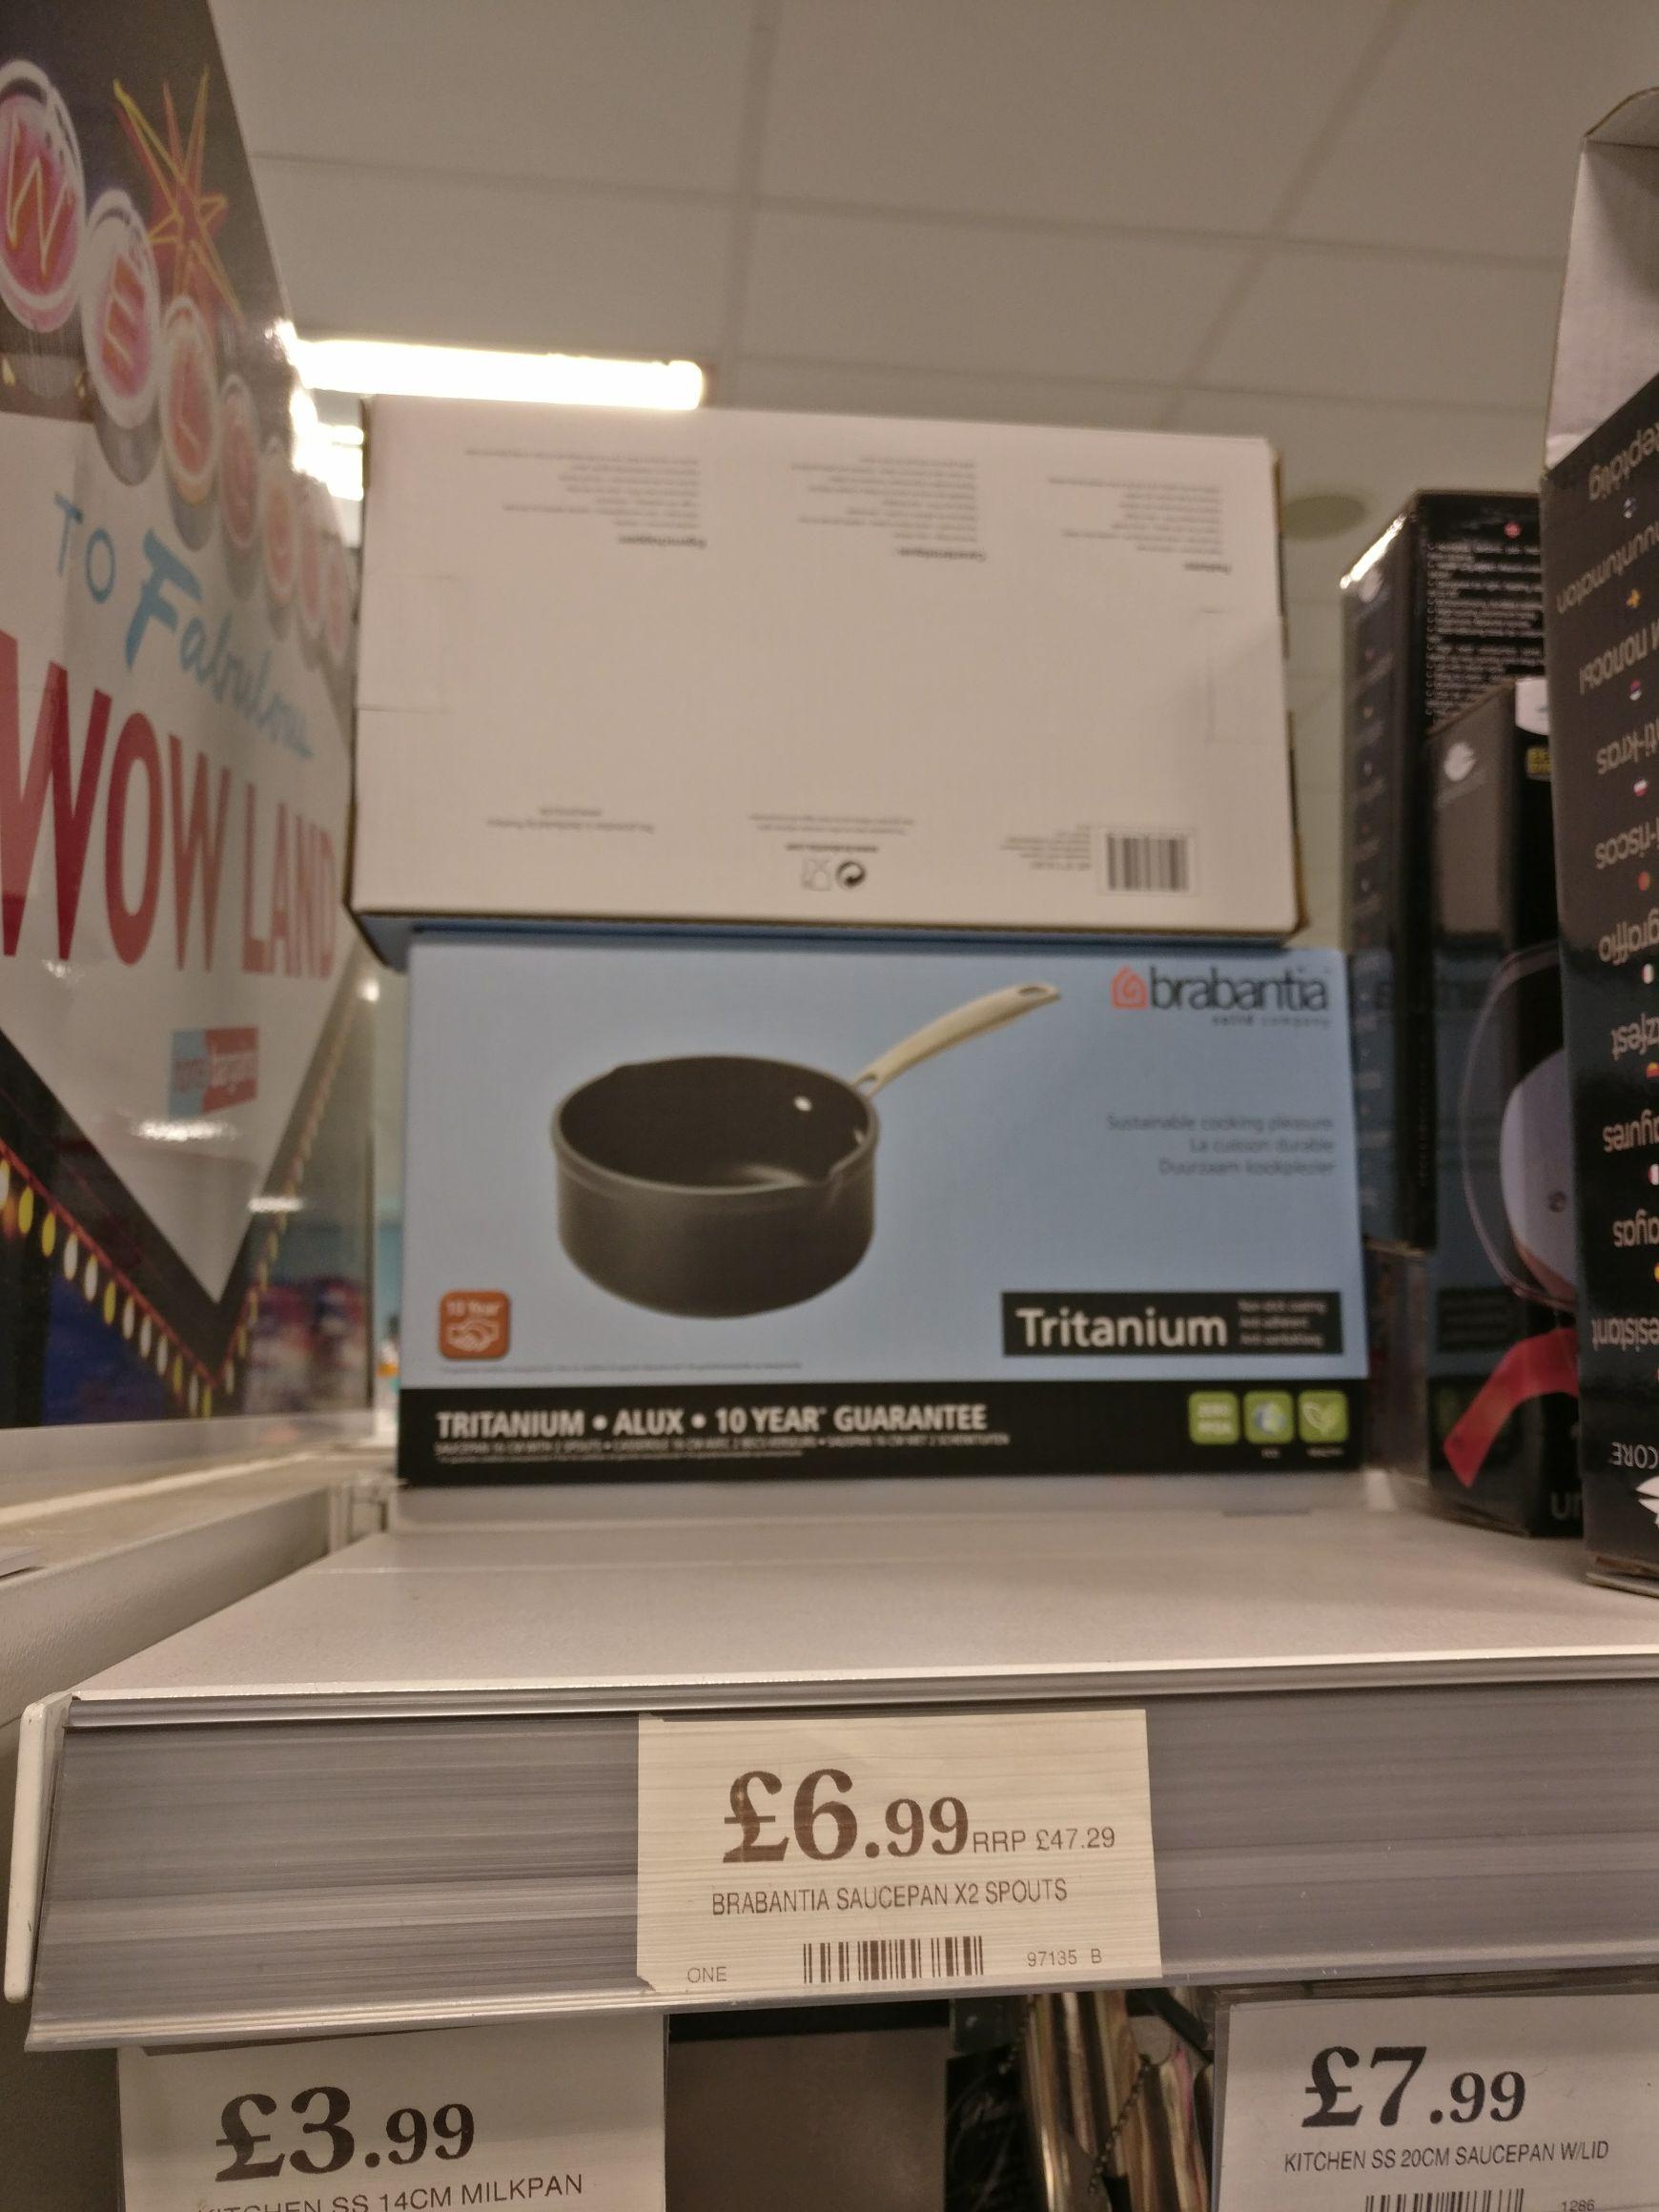 Home Bargains £6.99 Brabintia tritanium 2 spout sauce pan 16cm